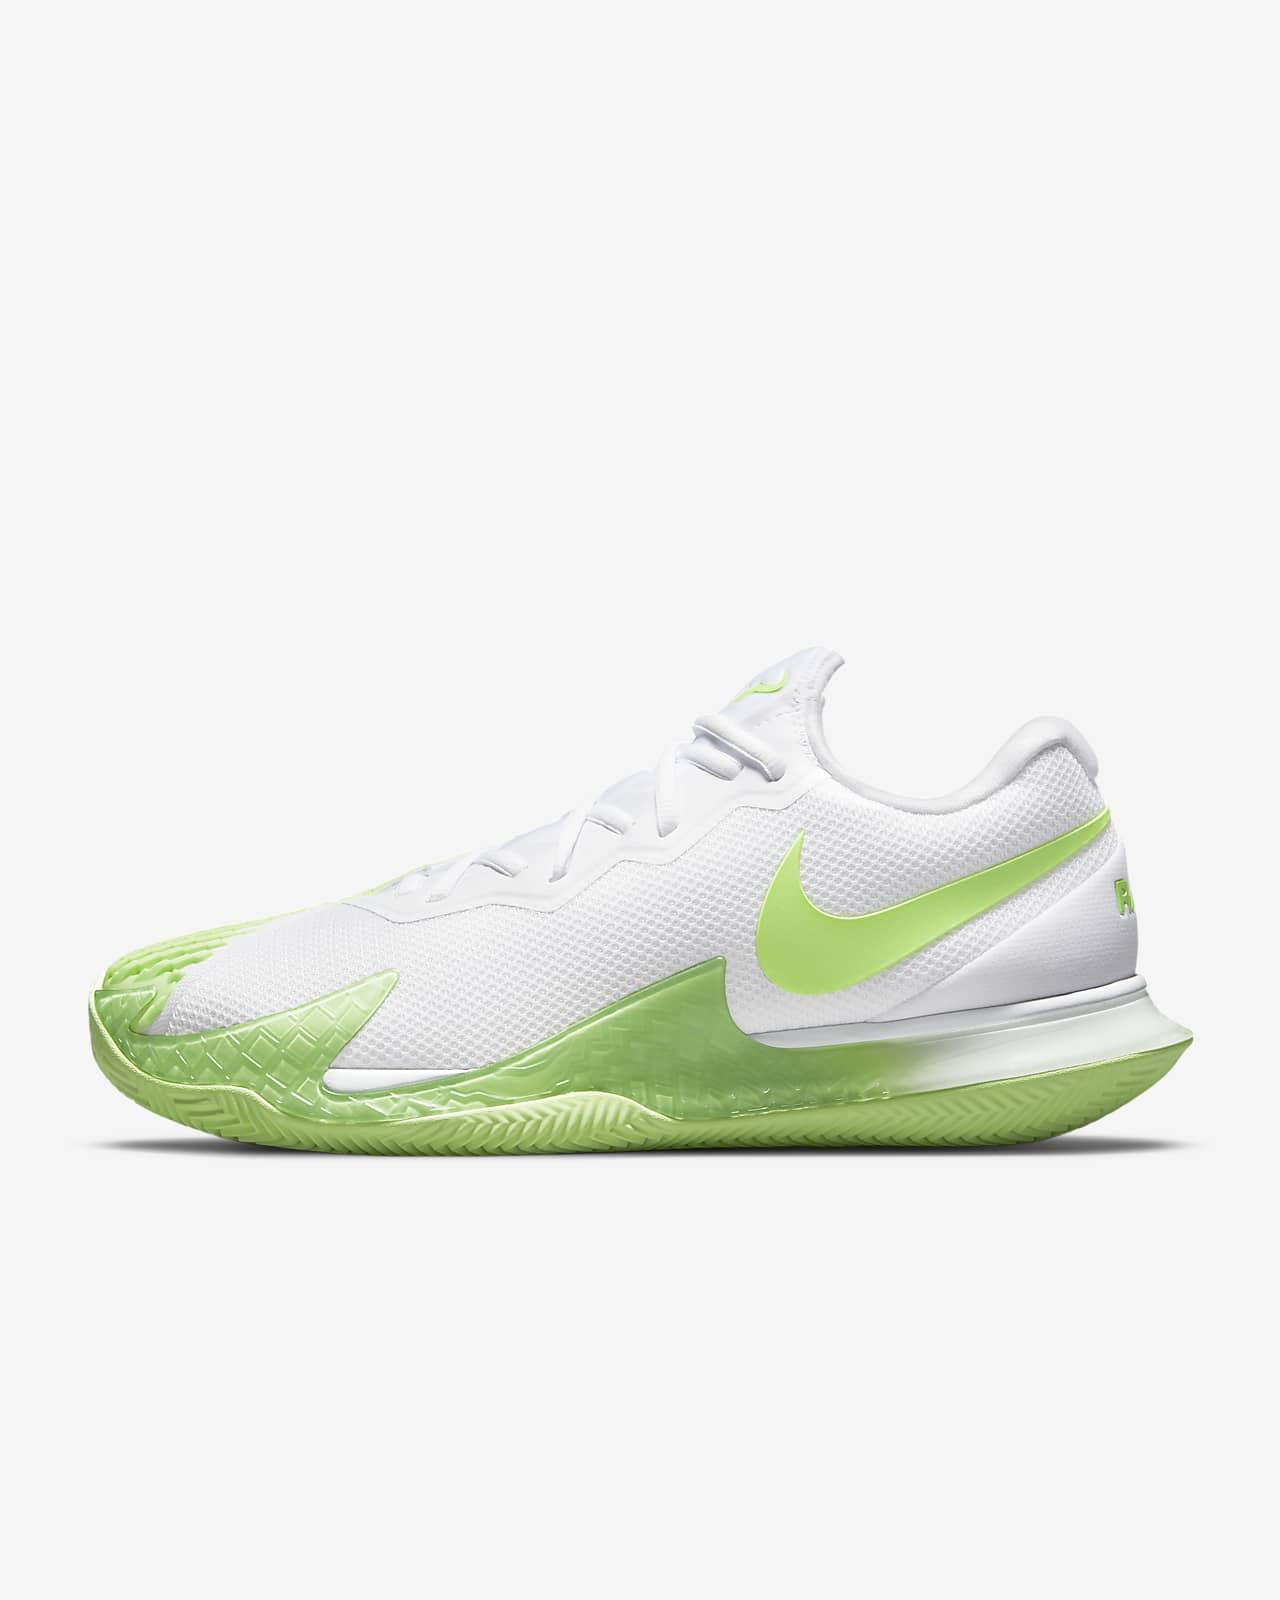 NikeCourt Zoom Vapor Cage 4 Rafa tennissko for grus til herre